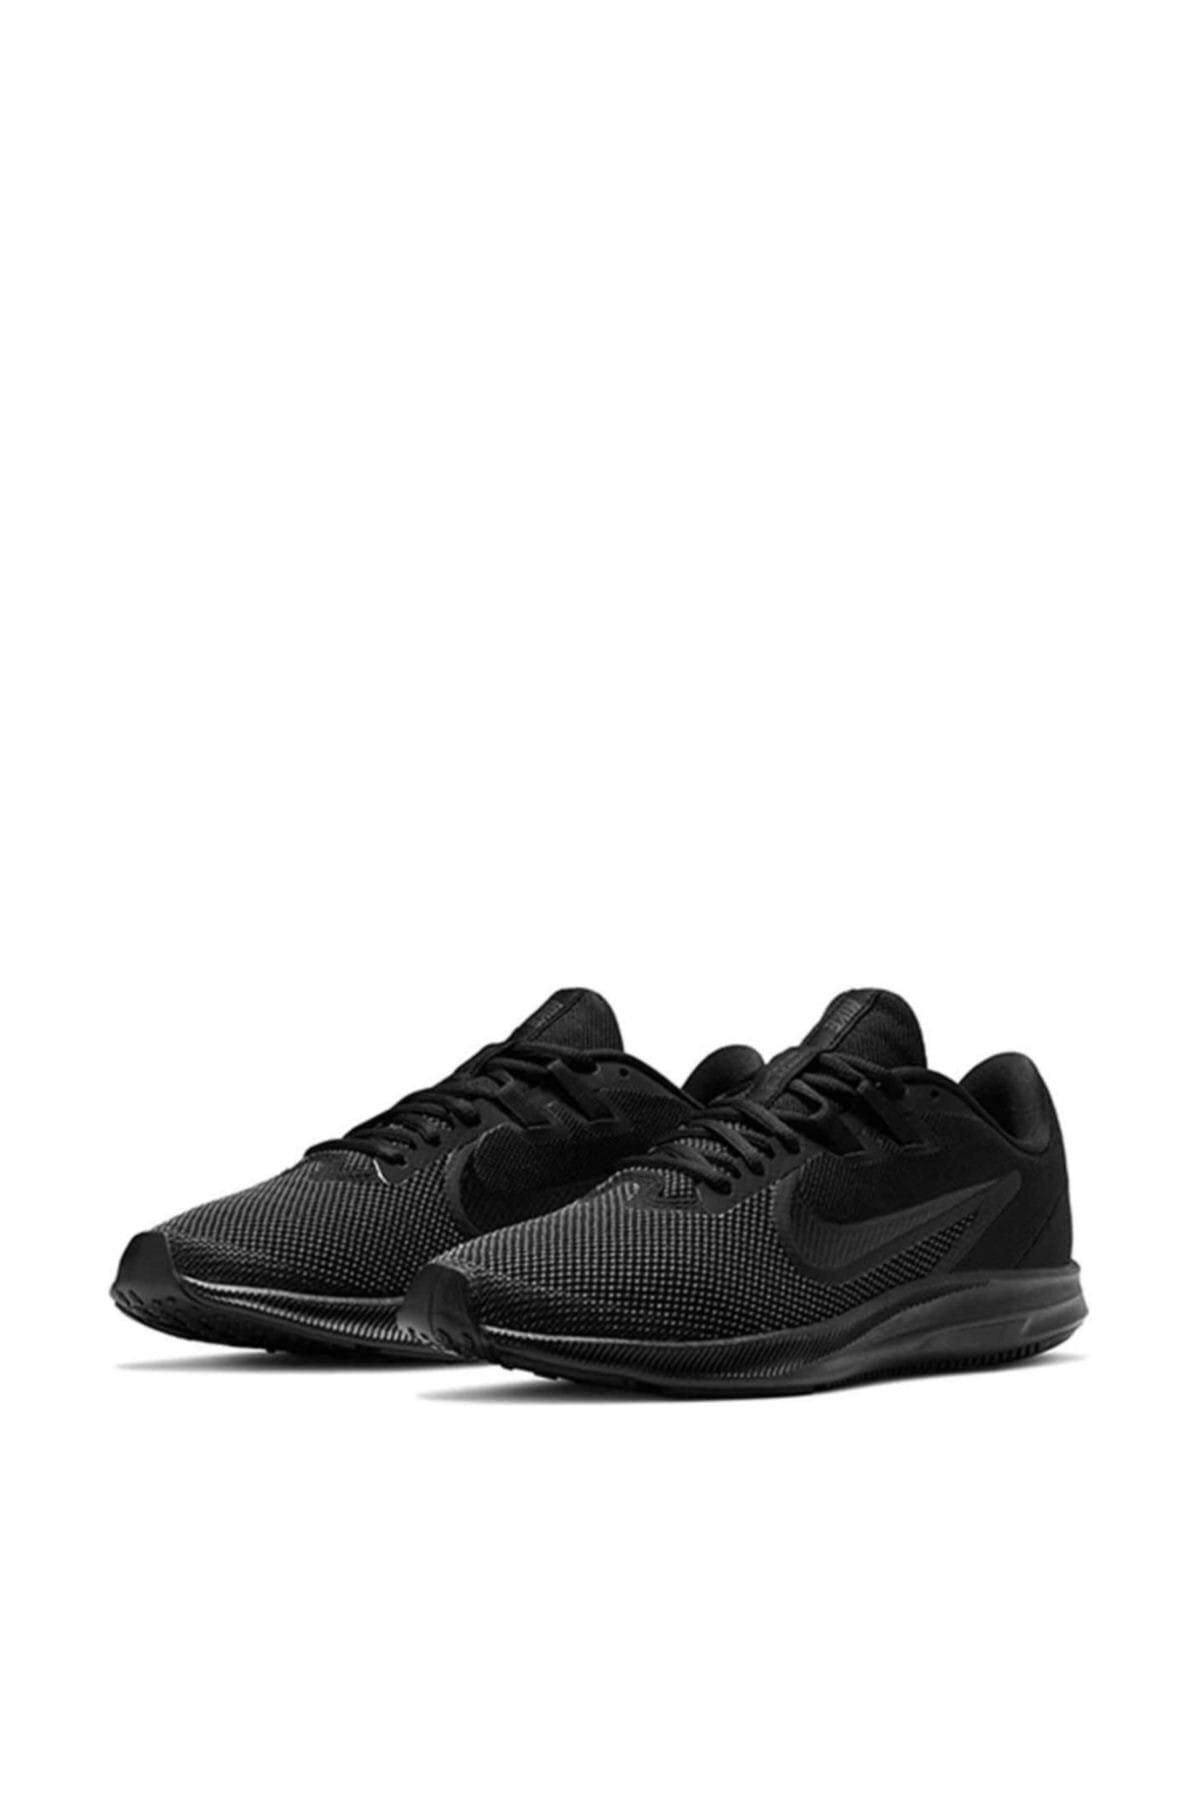 Nike Kadın Siyah Koşu Ayakkabı AQ7486-005 1